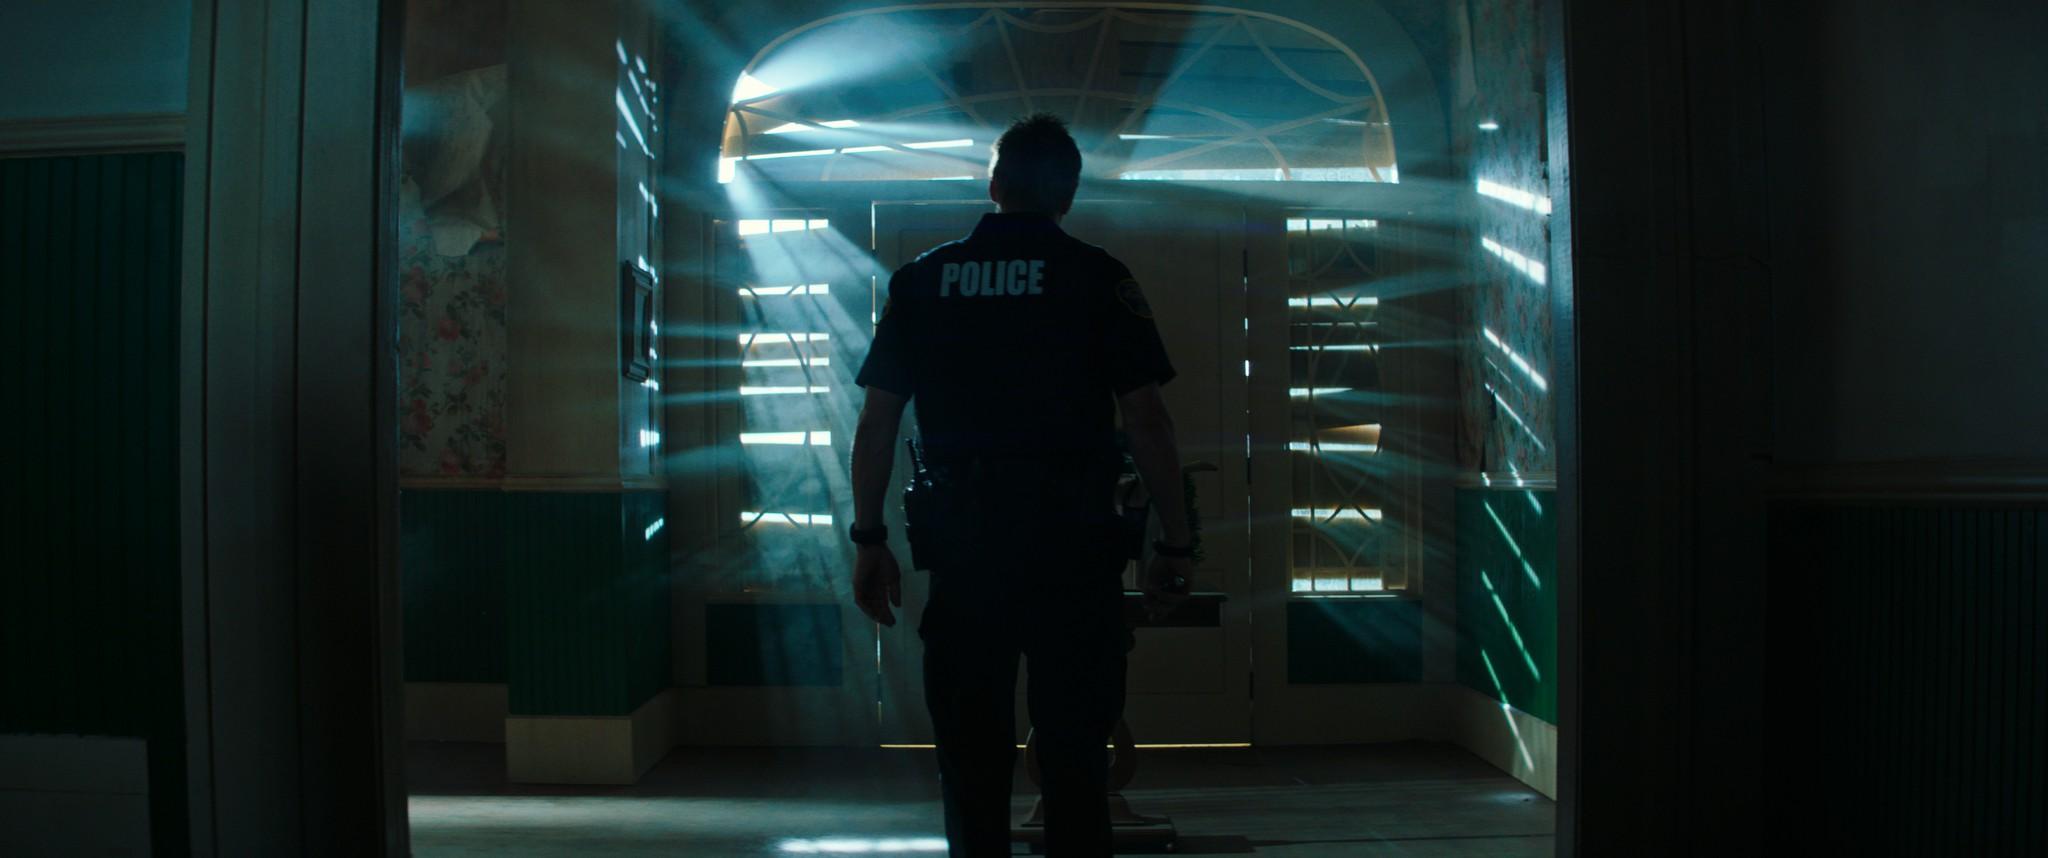 《絕命直播》動作戲二樓跳窗來真的,亞倫艾克哈特笑言:「攝影師才是真英雄!」